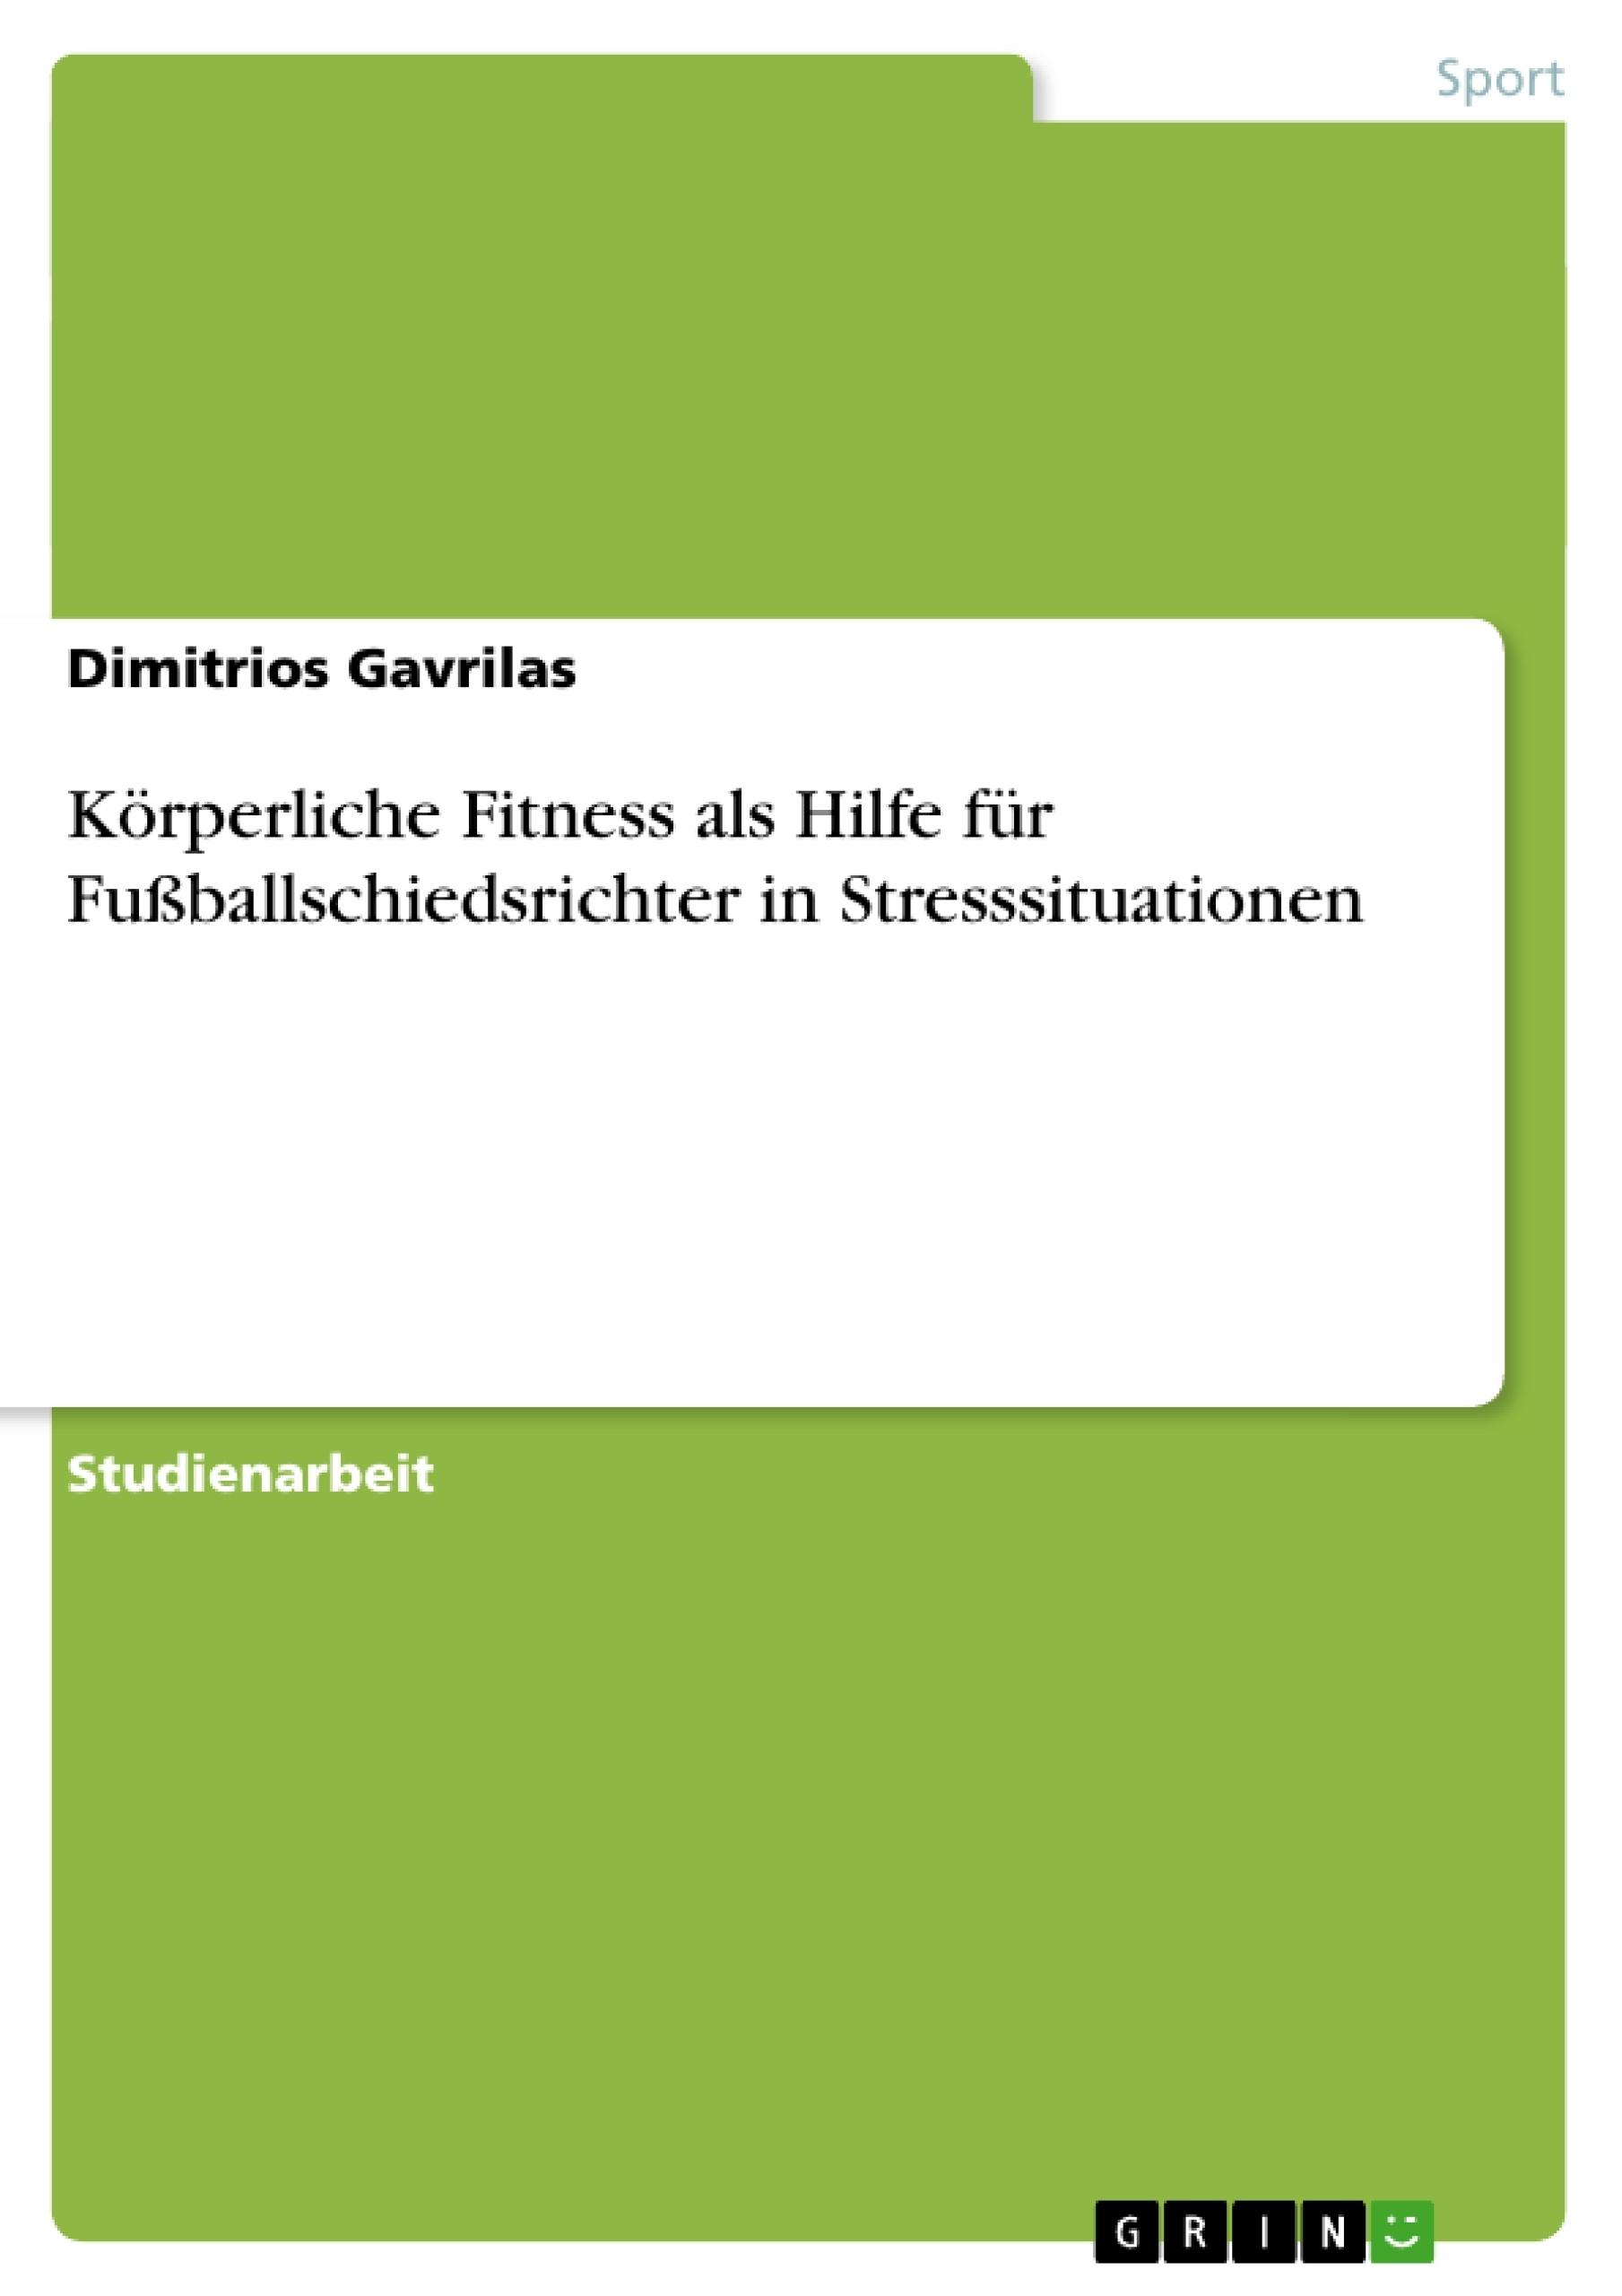 Titel: Körperliche Fitness als Hilfe für Fußballschiedsrichter in Stresssituationen